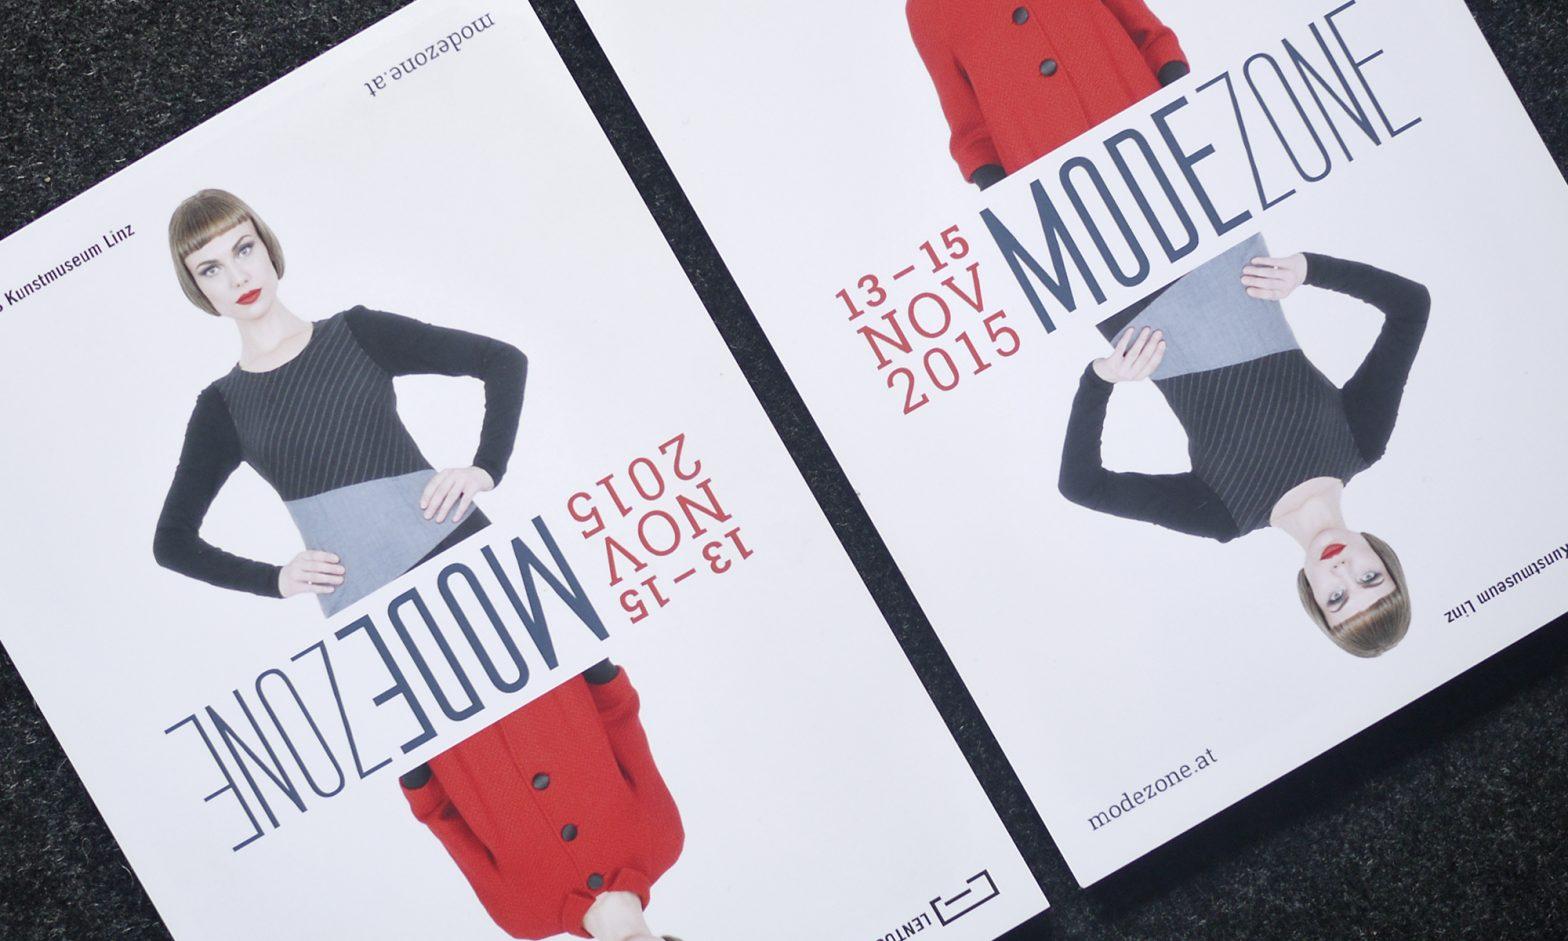 Modezone 2015 Linz Lentos – Gestaltung © Martin Bruner Sombrero Design